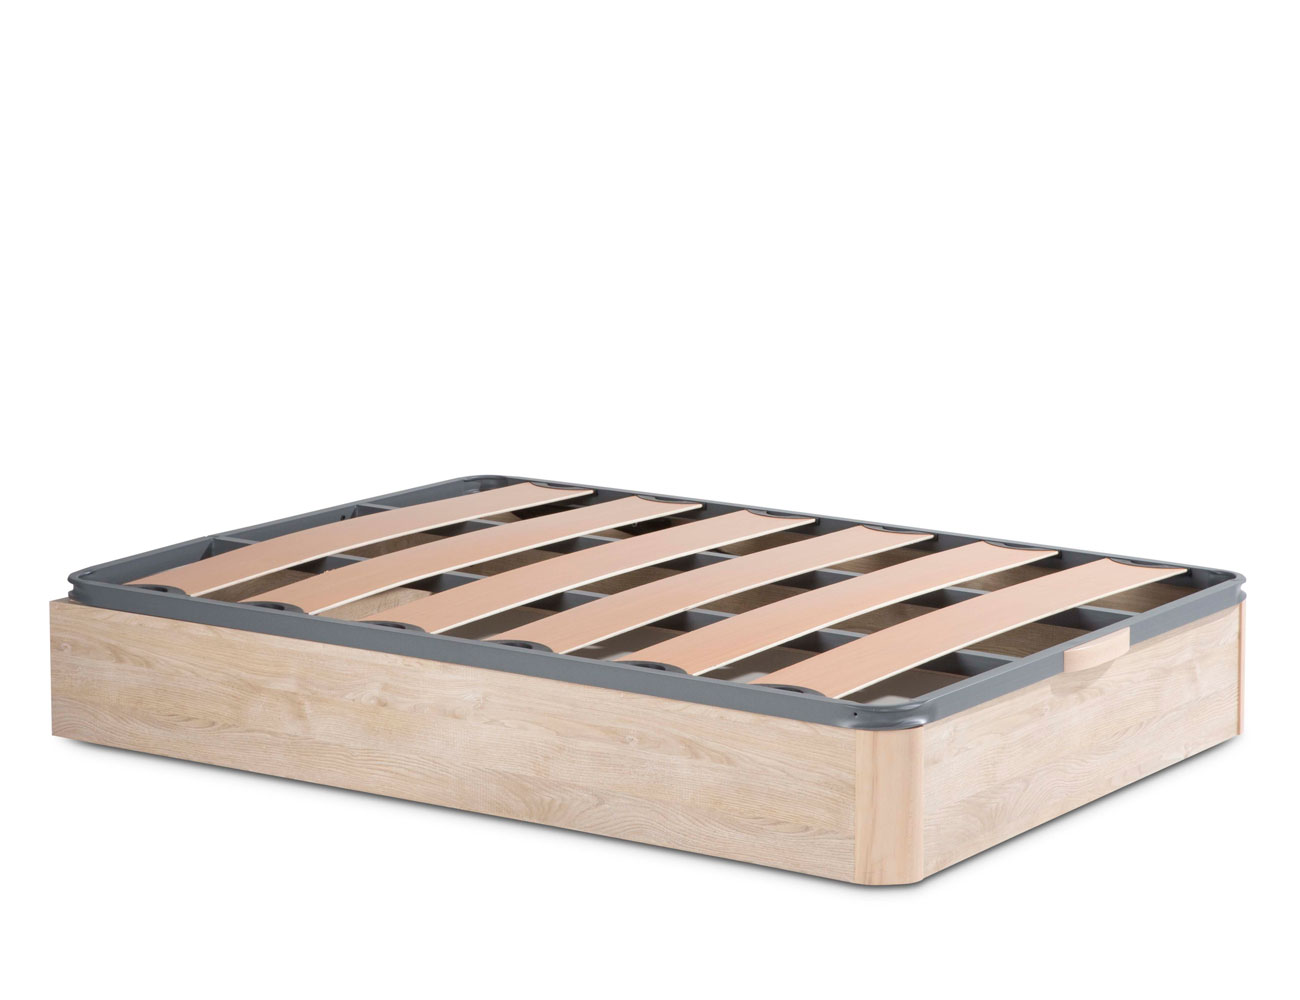 Canape madera somier laminas pvc 7821